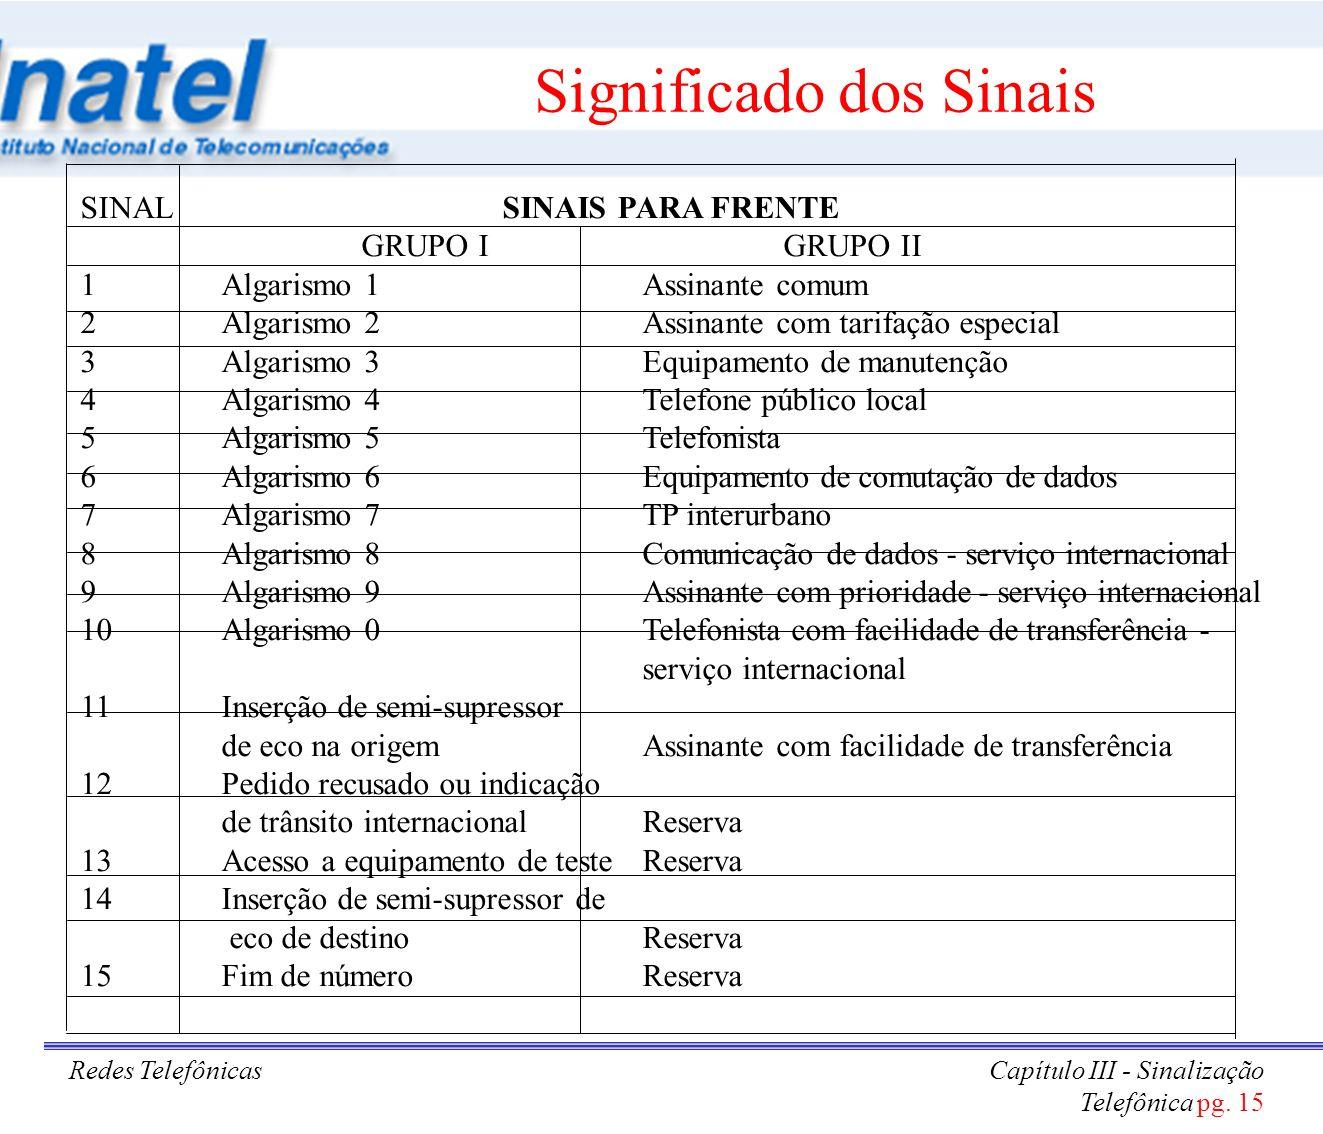 Redes TelefônicasCapítulo III - Sinalização Telefônica pg. 15 Significado dos Sinais SINALSINAIS PARA FRENTE GRUPO IGRUPO II 1Algarismo 1Assinante com